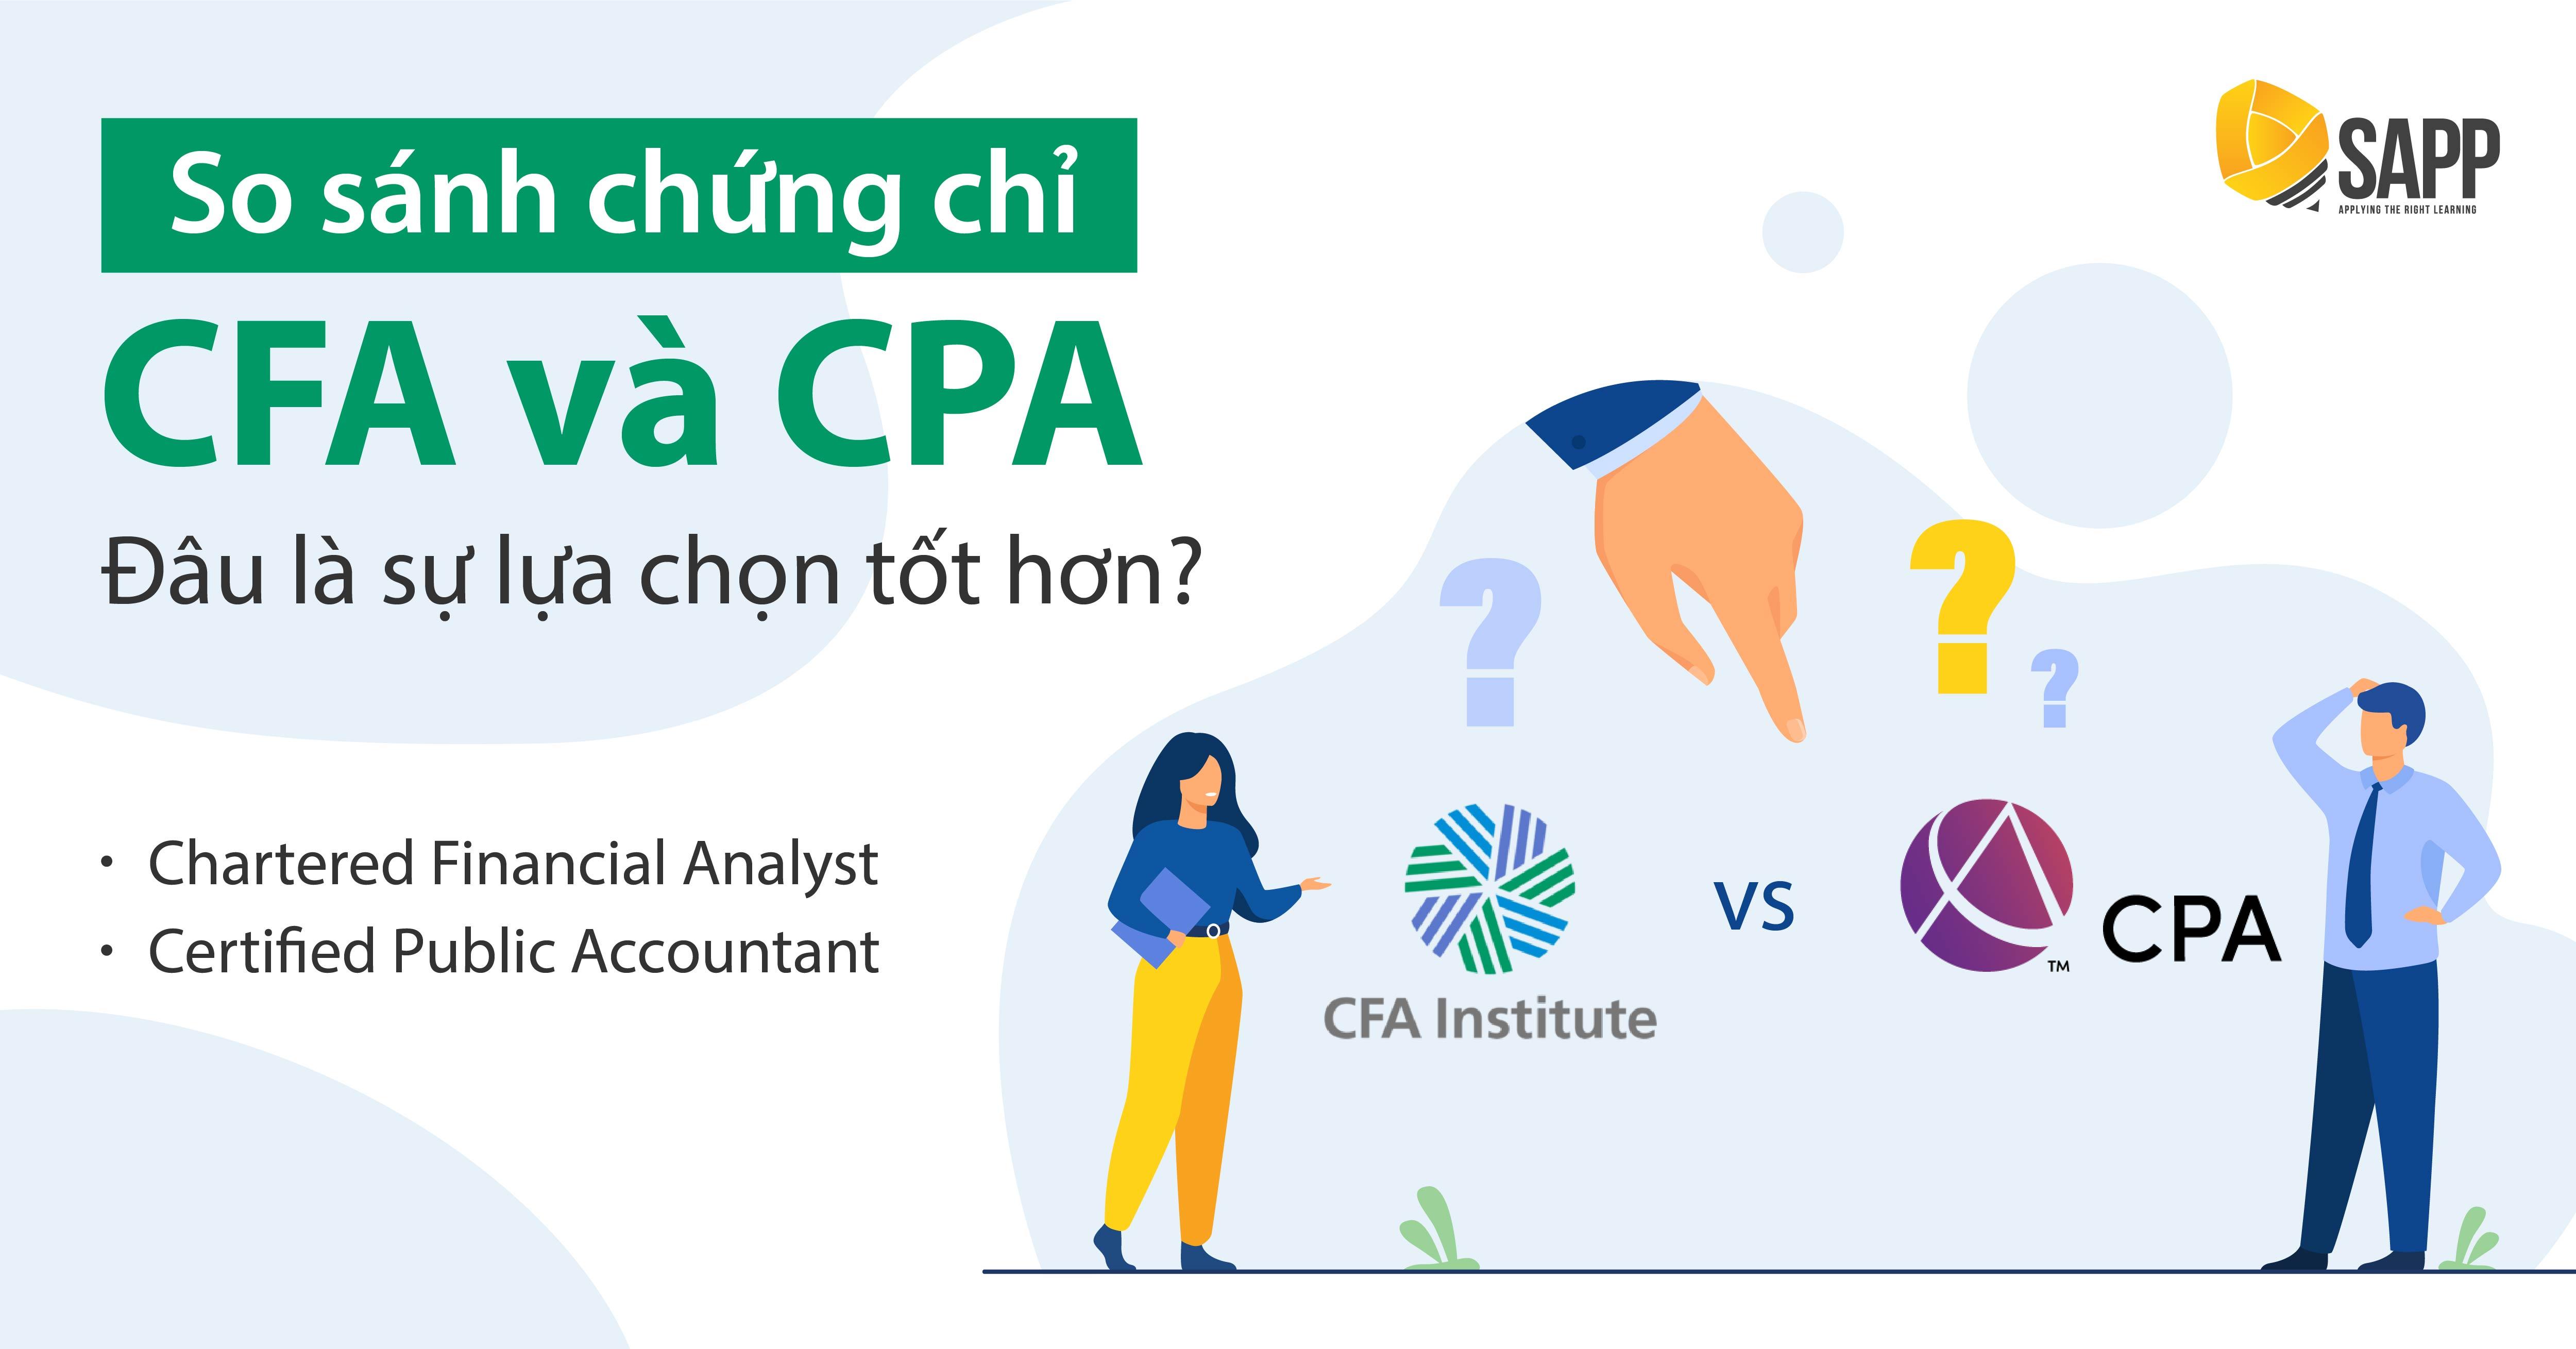 So Sánh Chứng Chỉ CFA Và CPA - Đâu là Là Sự Lựa Chọn Tốt Hơn?